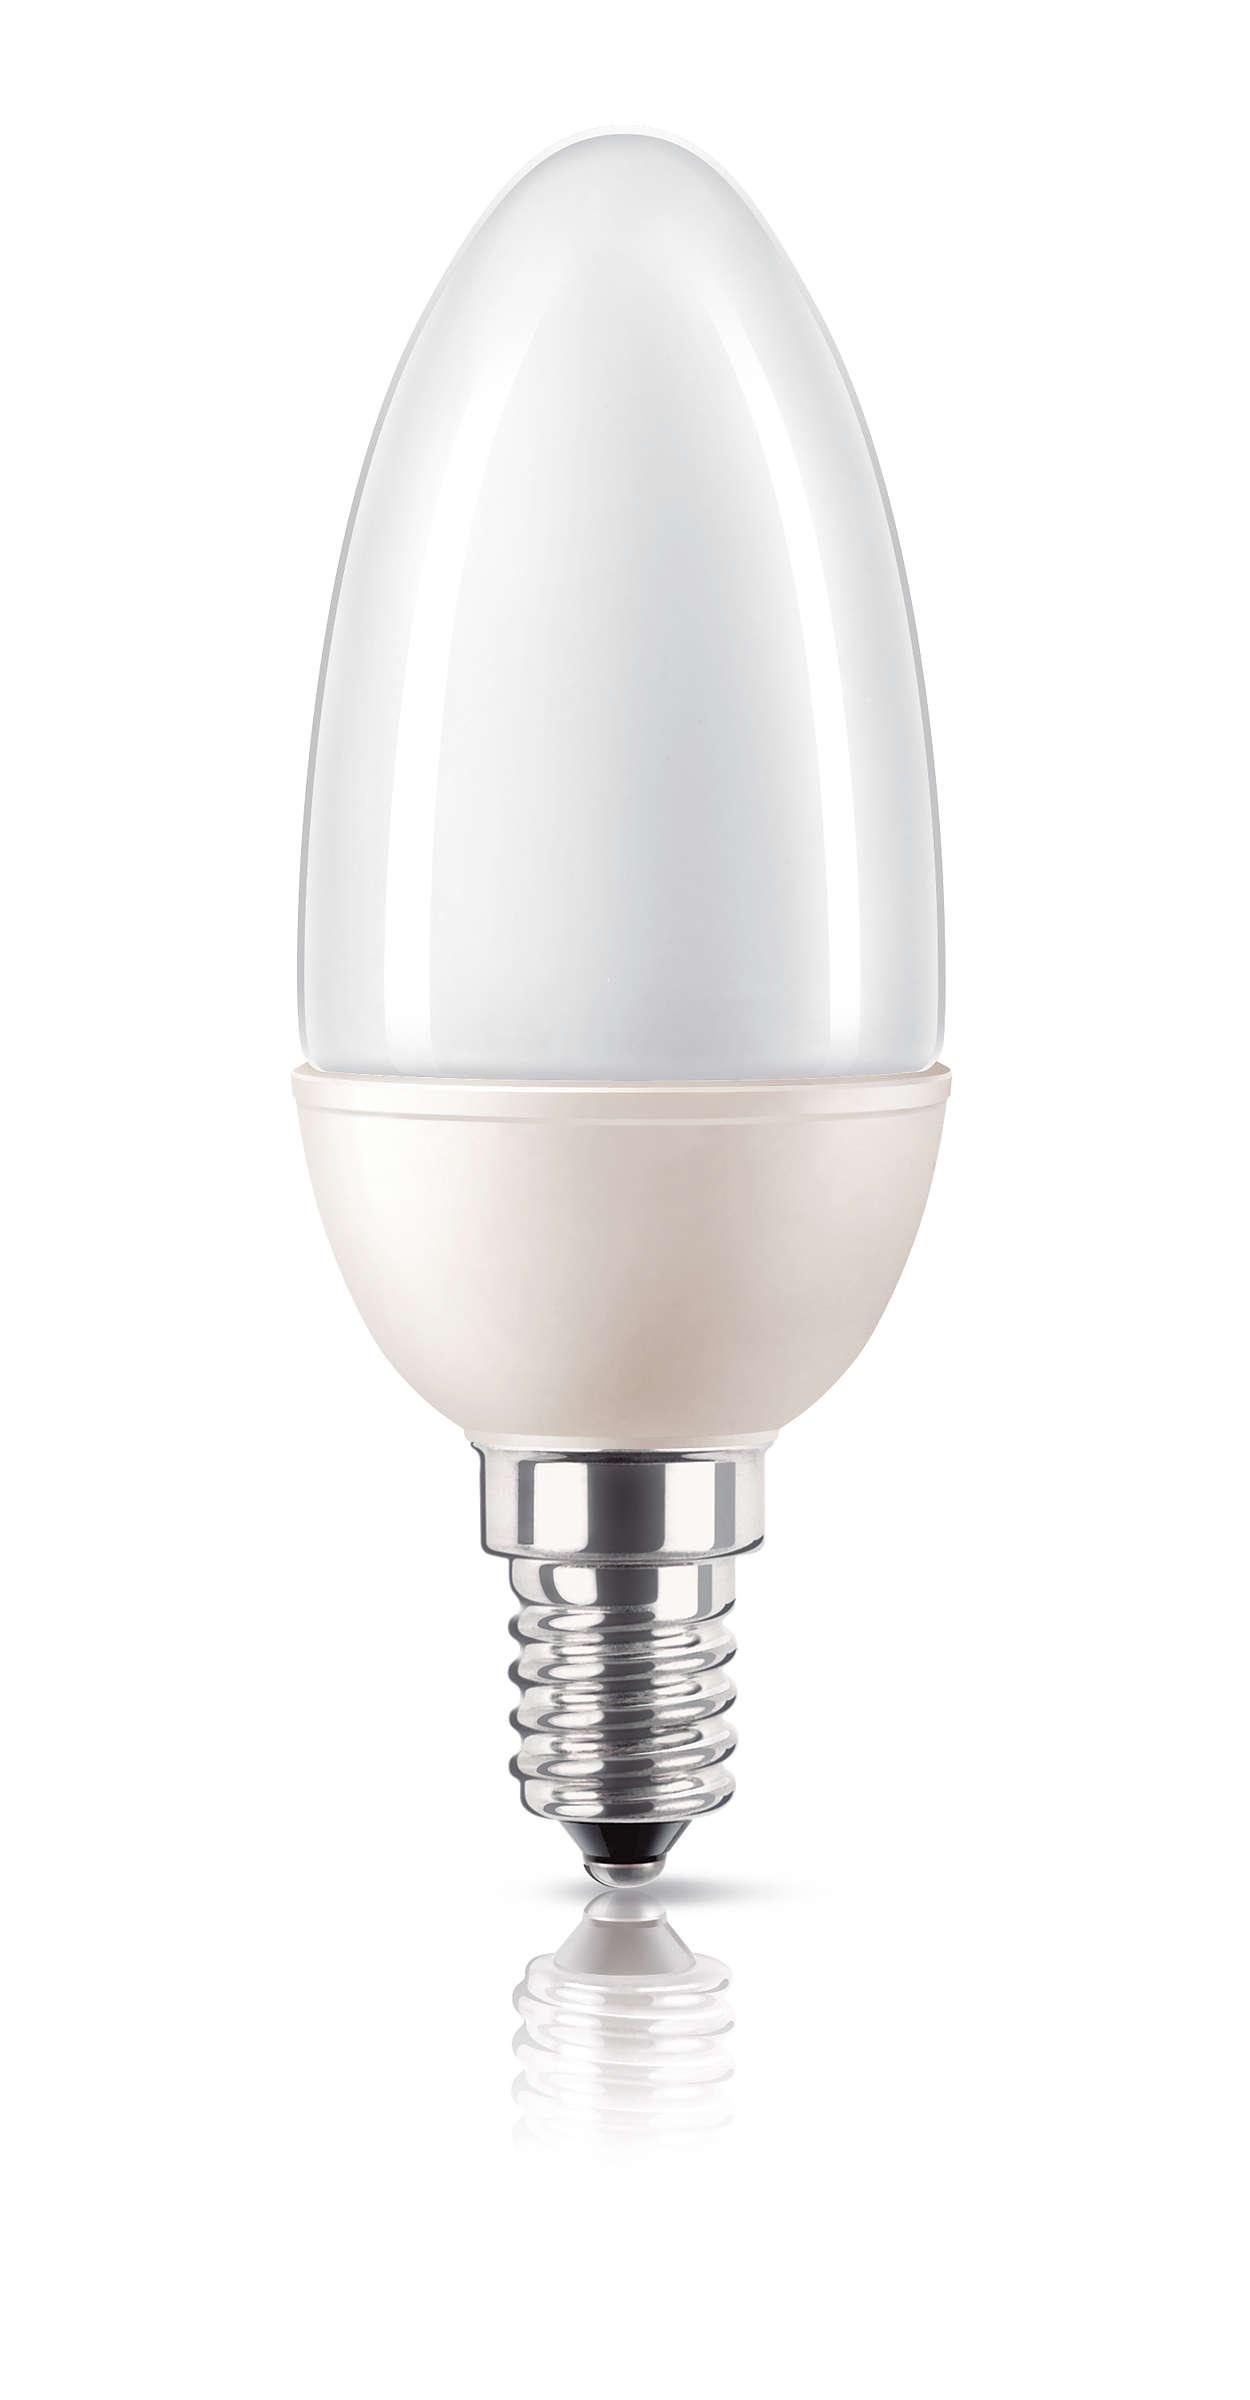 Energiaa säästävää valoa kynttilälampun muodossa